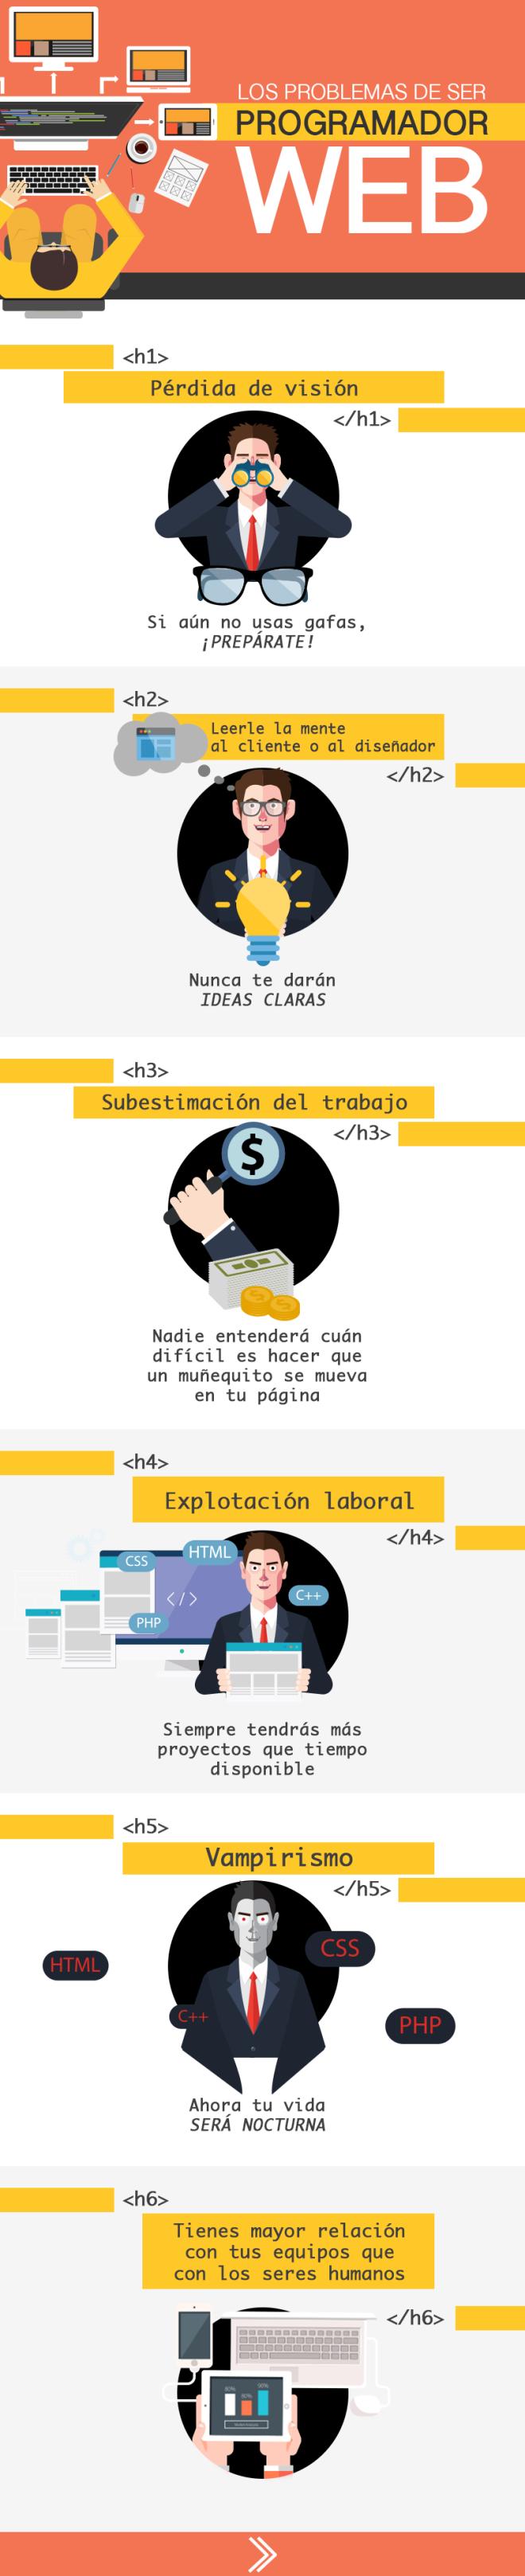 Los problemas de ser programador web